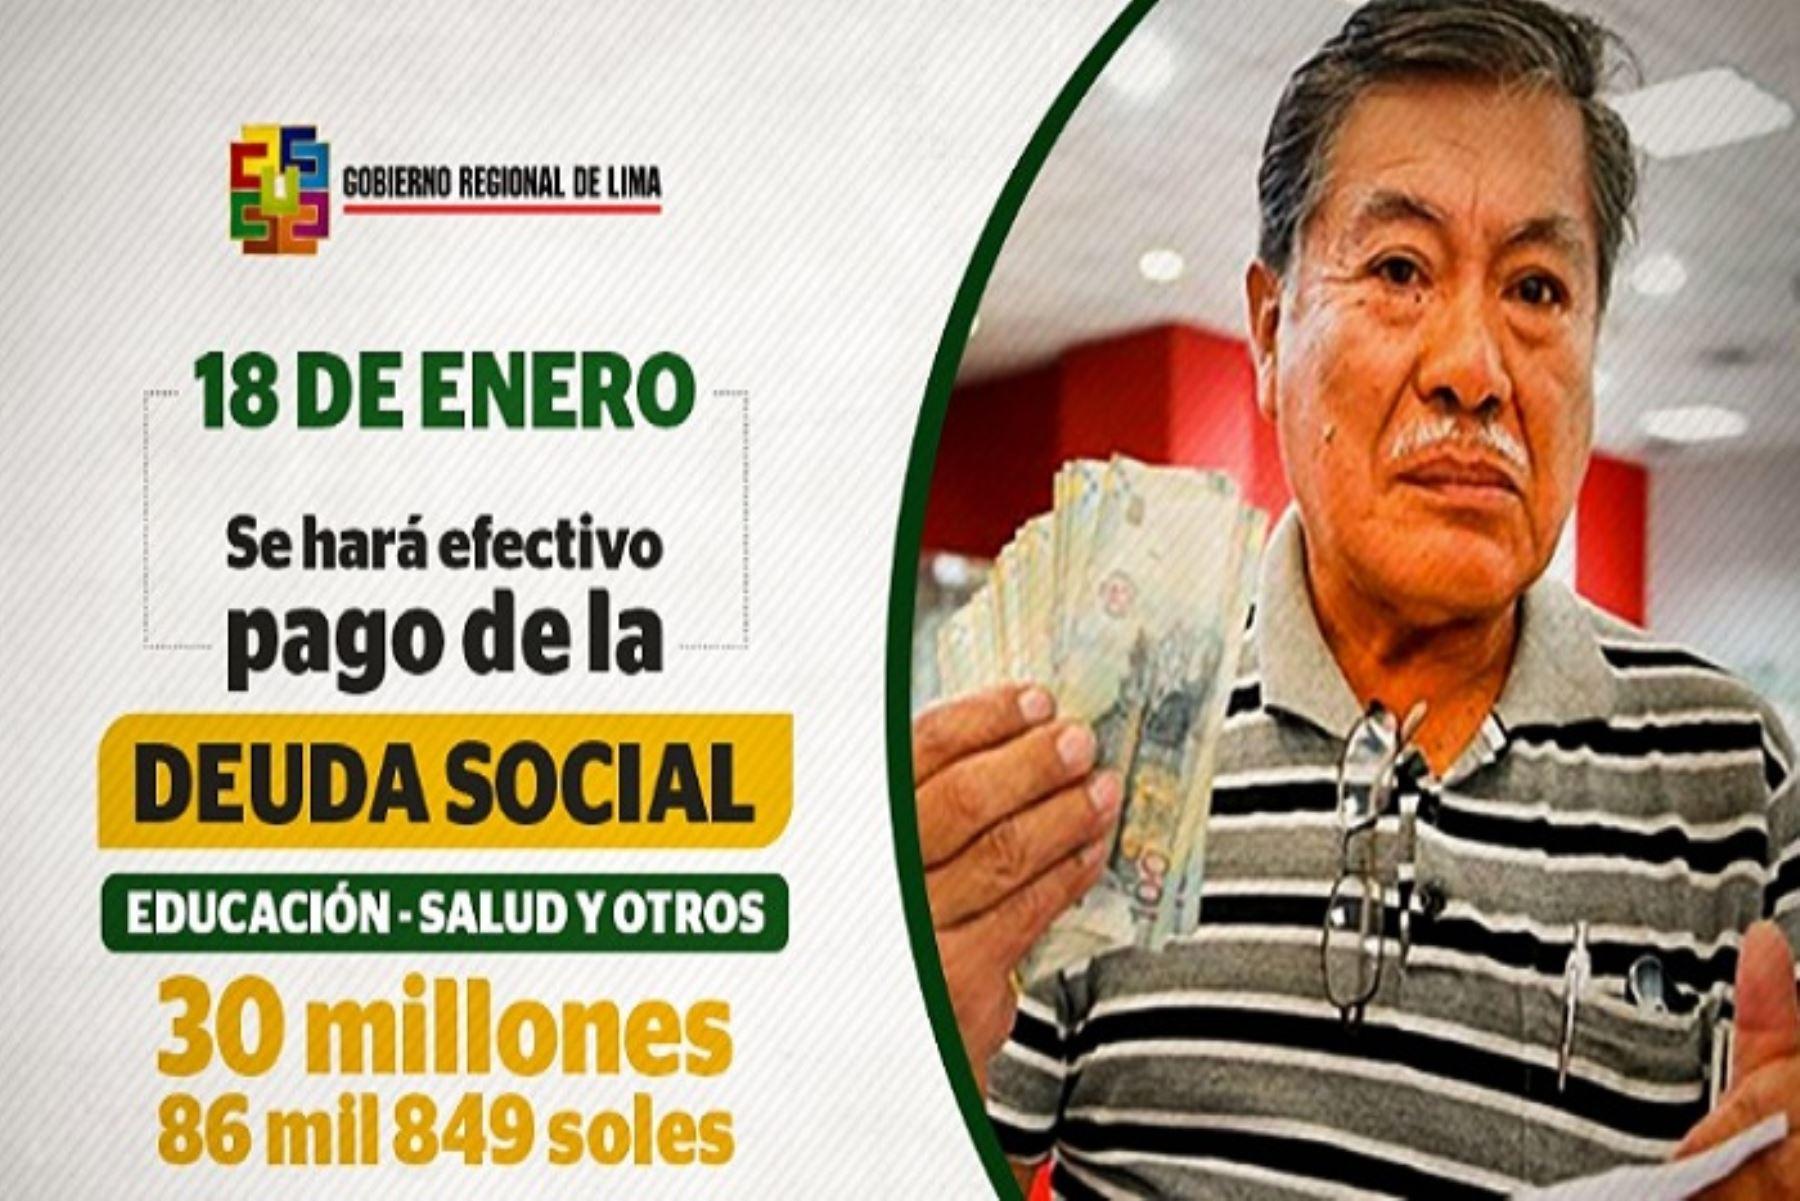 region-lima-empezara-a-pagar-deuda-social-a-partir-del-18-de-enero